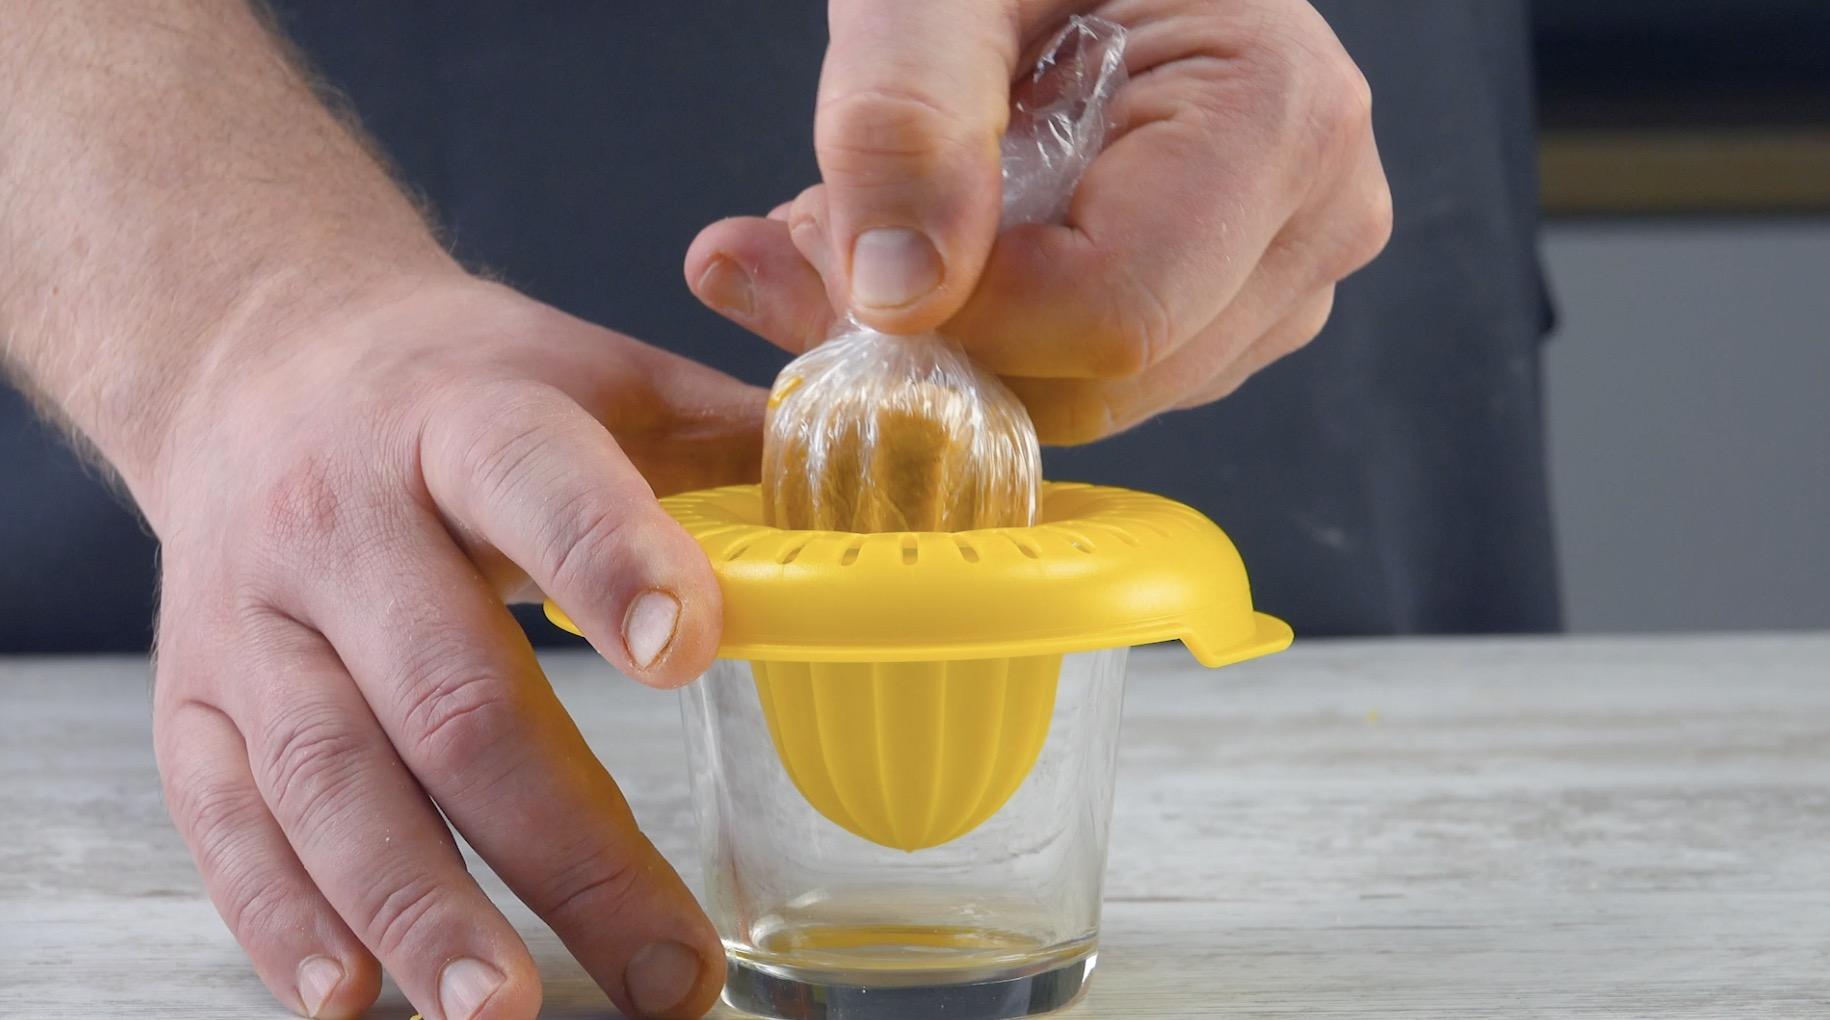 Polpette di bulgur avvolte nella pellicola trasparente sfilate dallo spremiagrumi